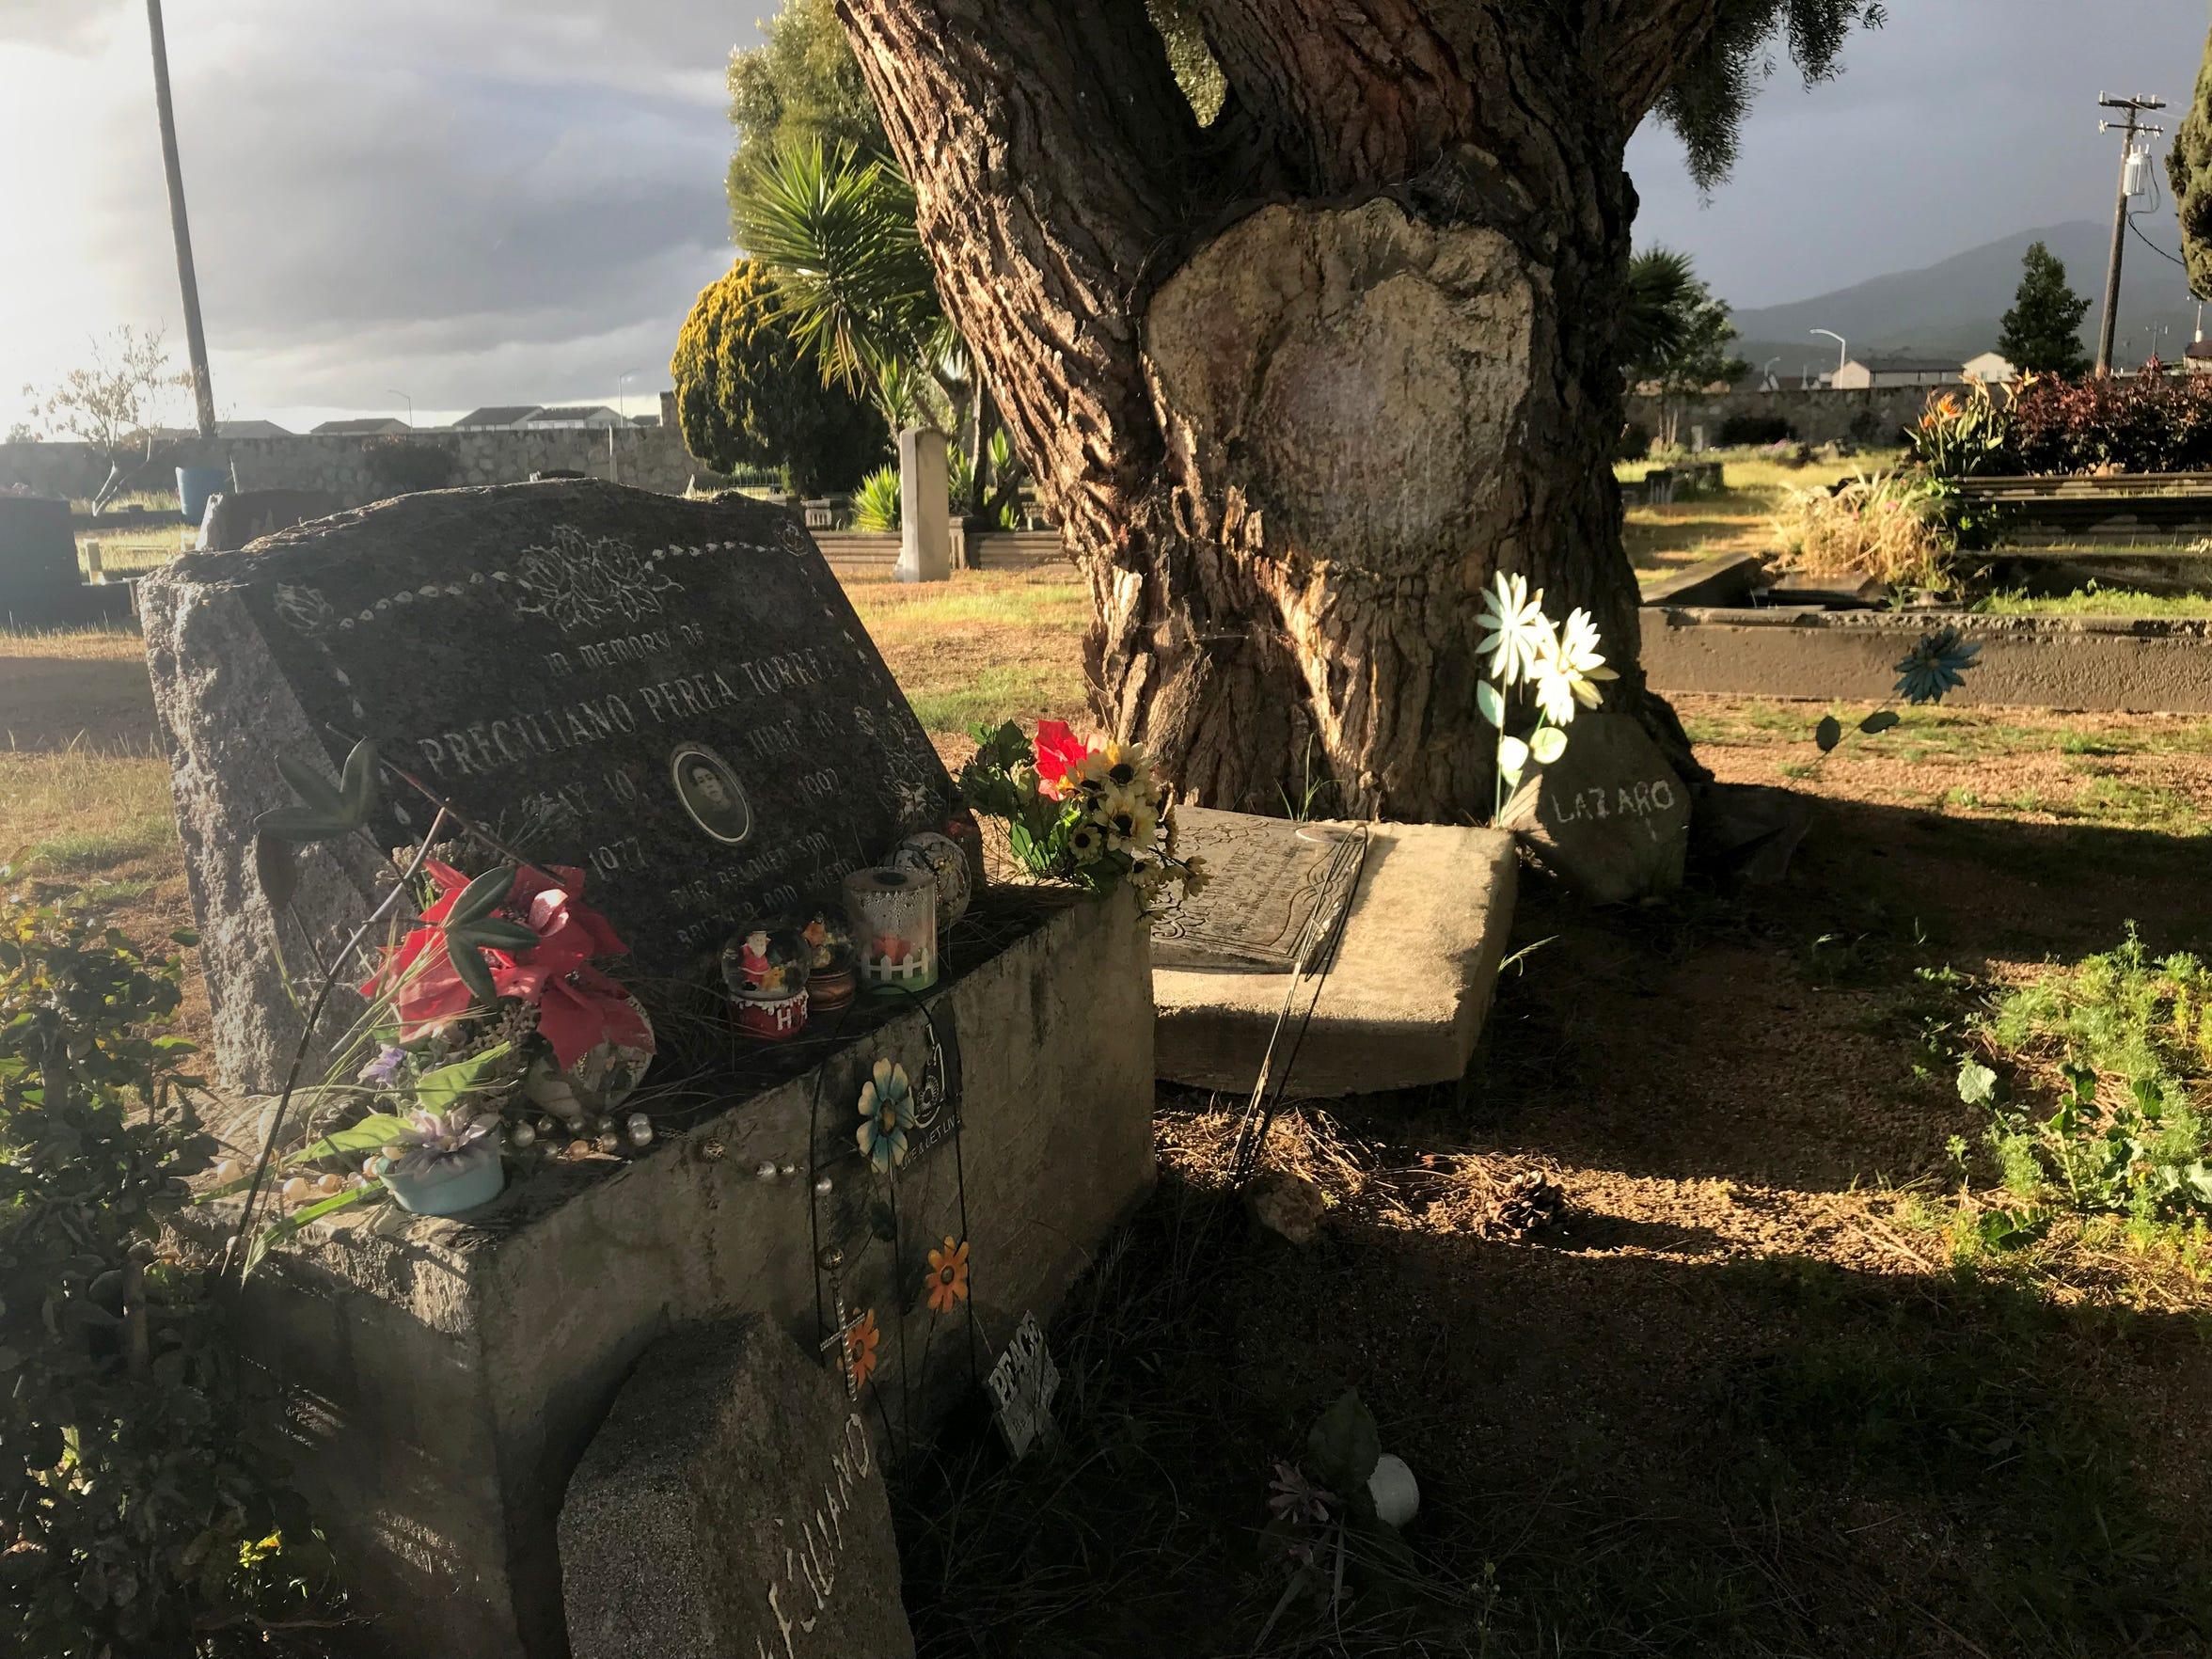 The grave of Preciliano Perea Torrez at the Soledad Cemetery.